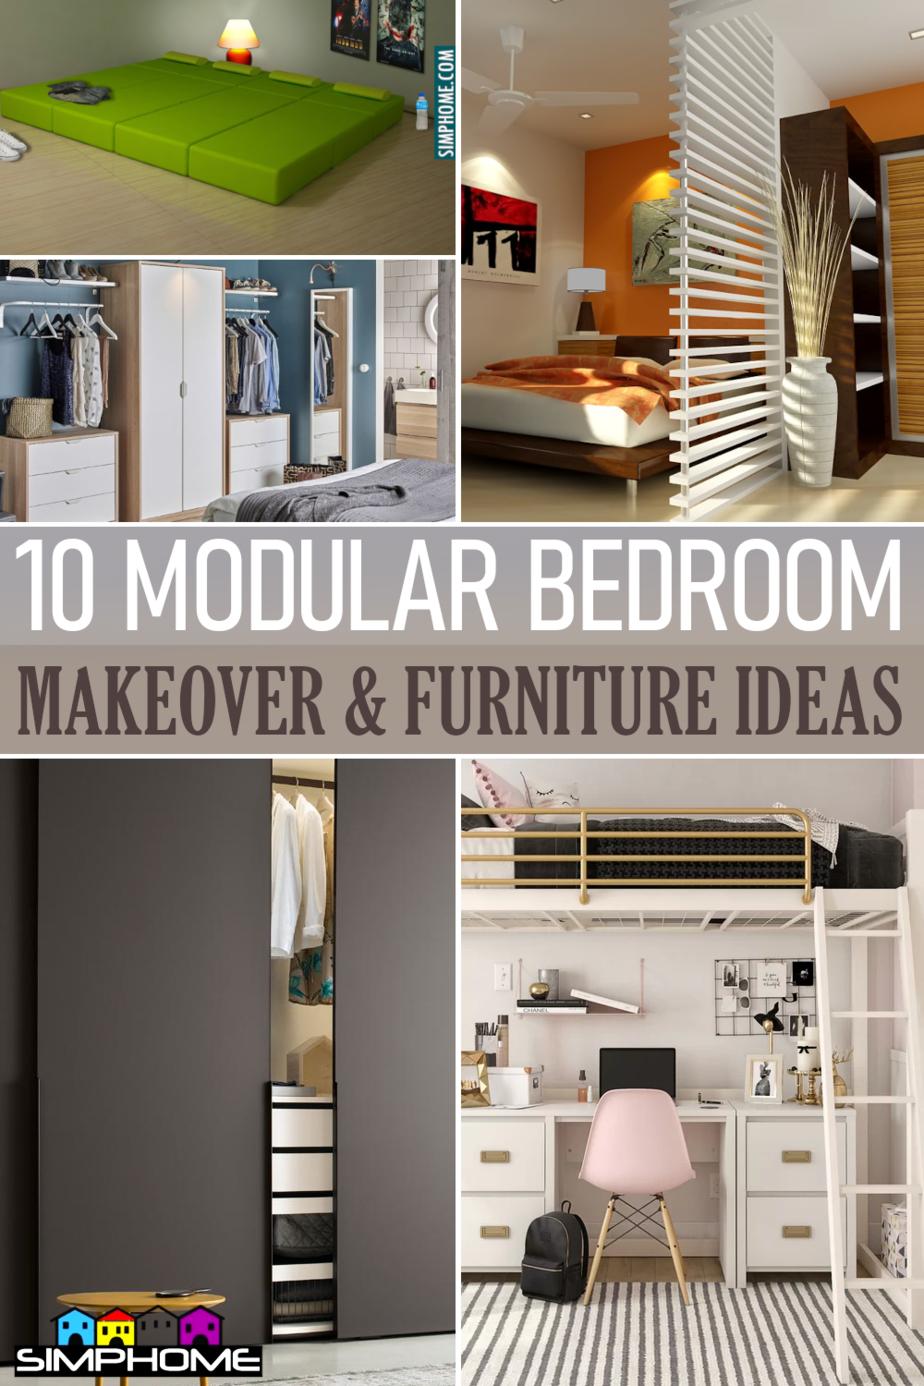 Modular Bedroom Furniture Ideas via Simphome.comFeatured